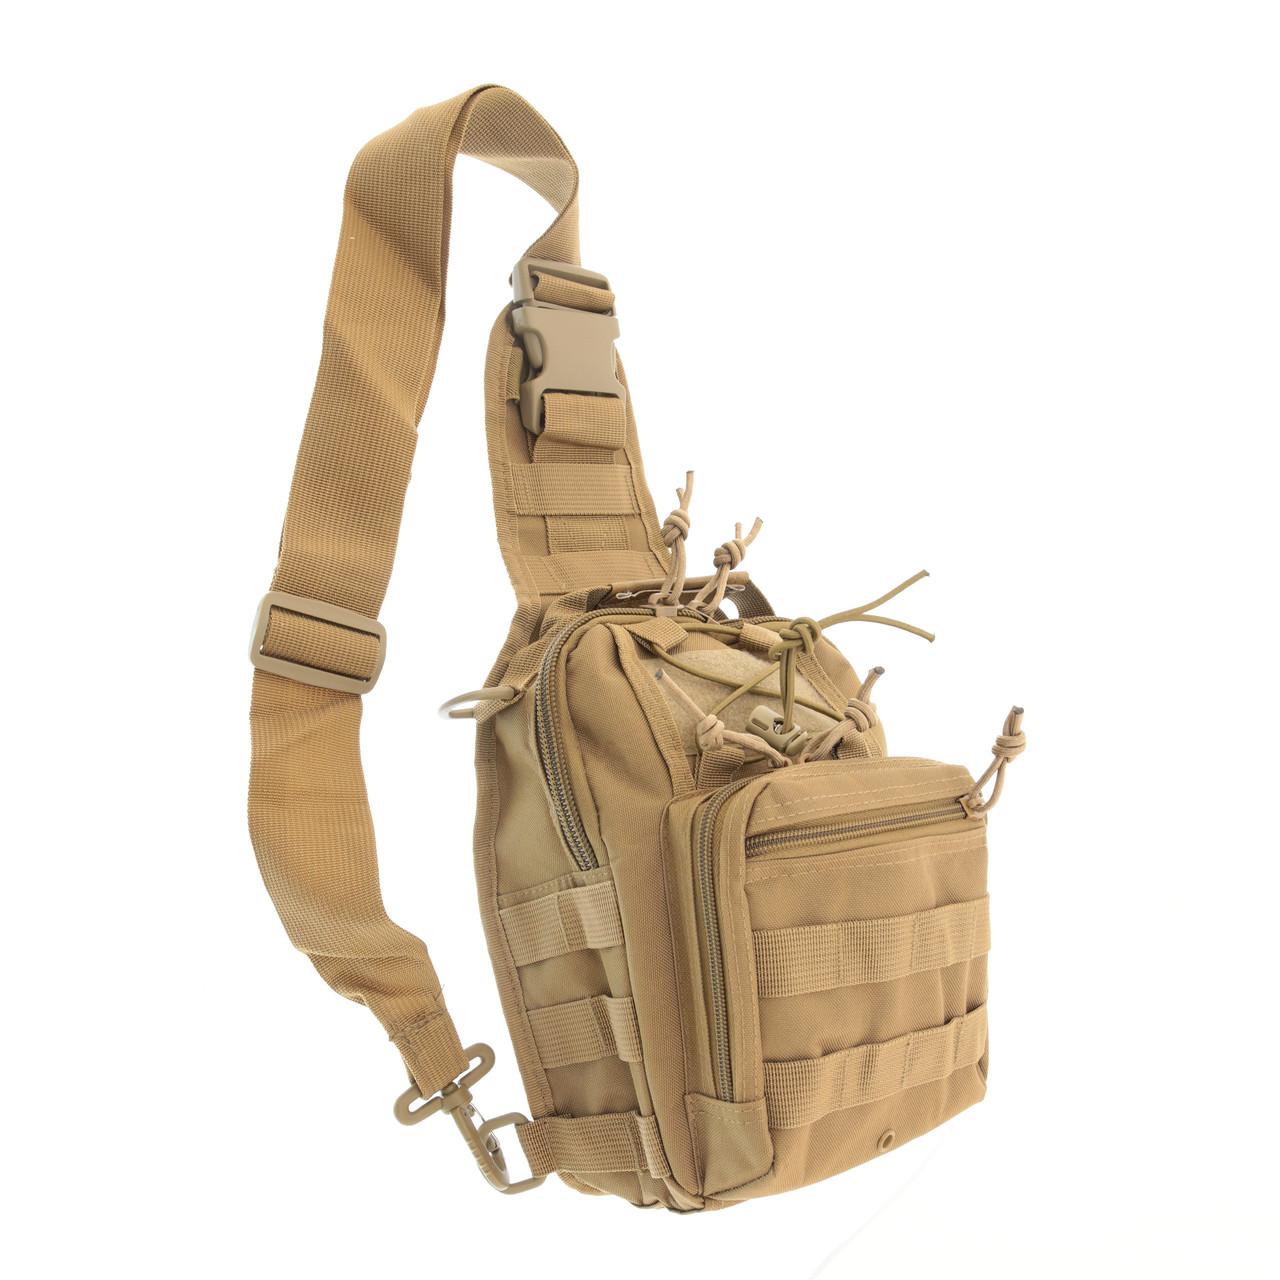 Рюкзак тактичний однолямочный малий 10 літрів Max Fuchs Molle